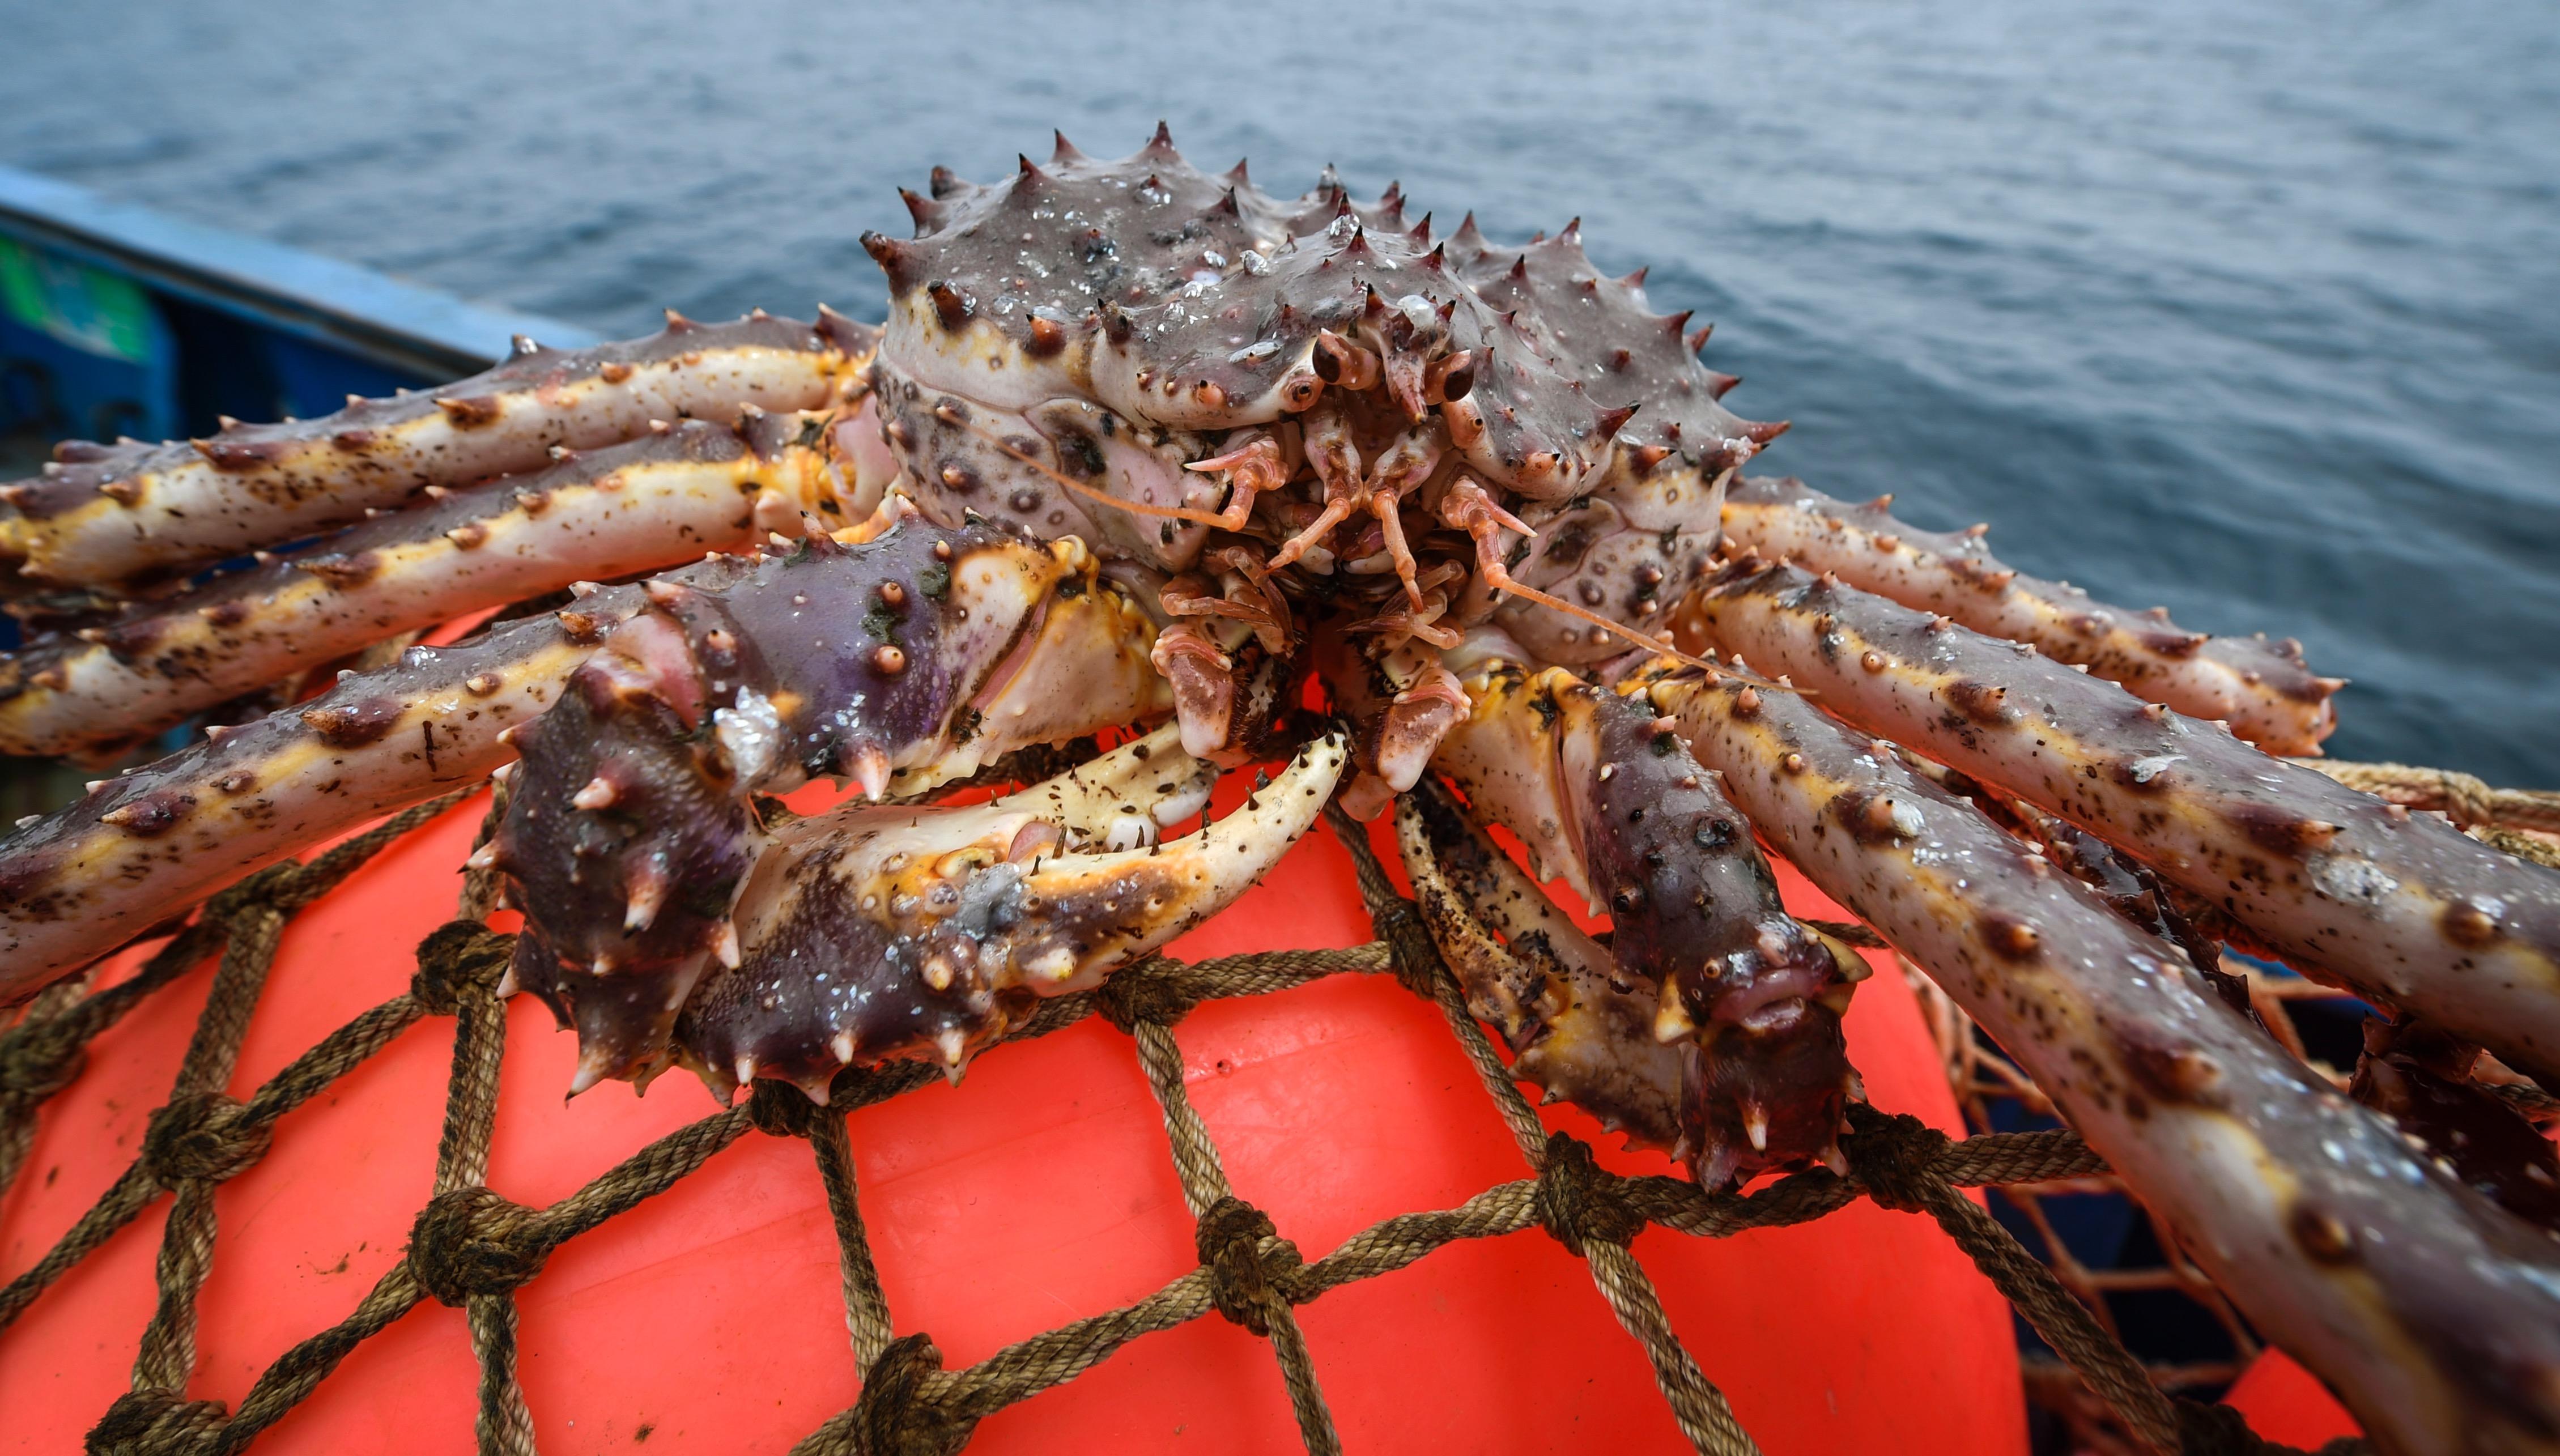 Приморские пограничники задержали японское судно с 7,5т живого краба на 39 млн рублей